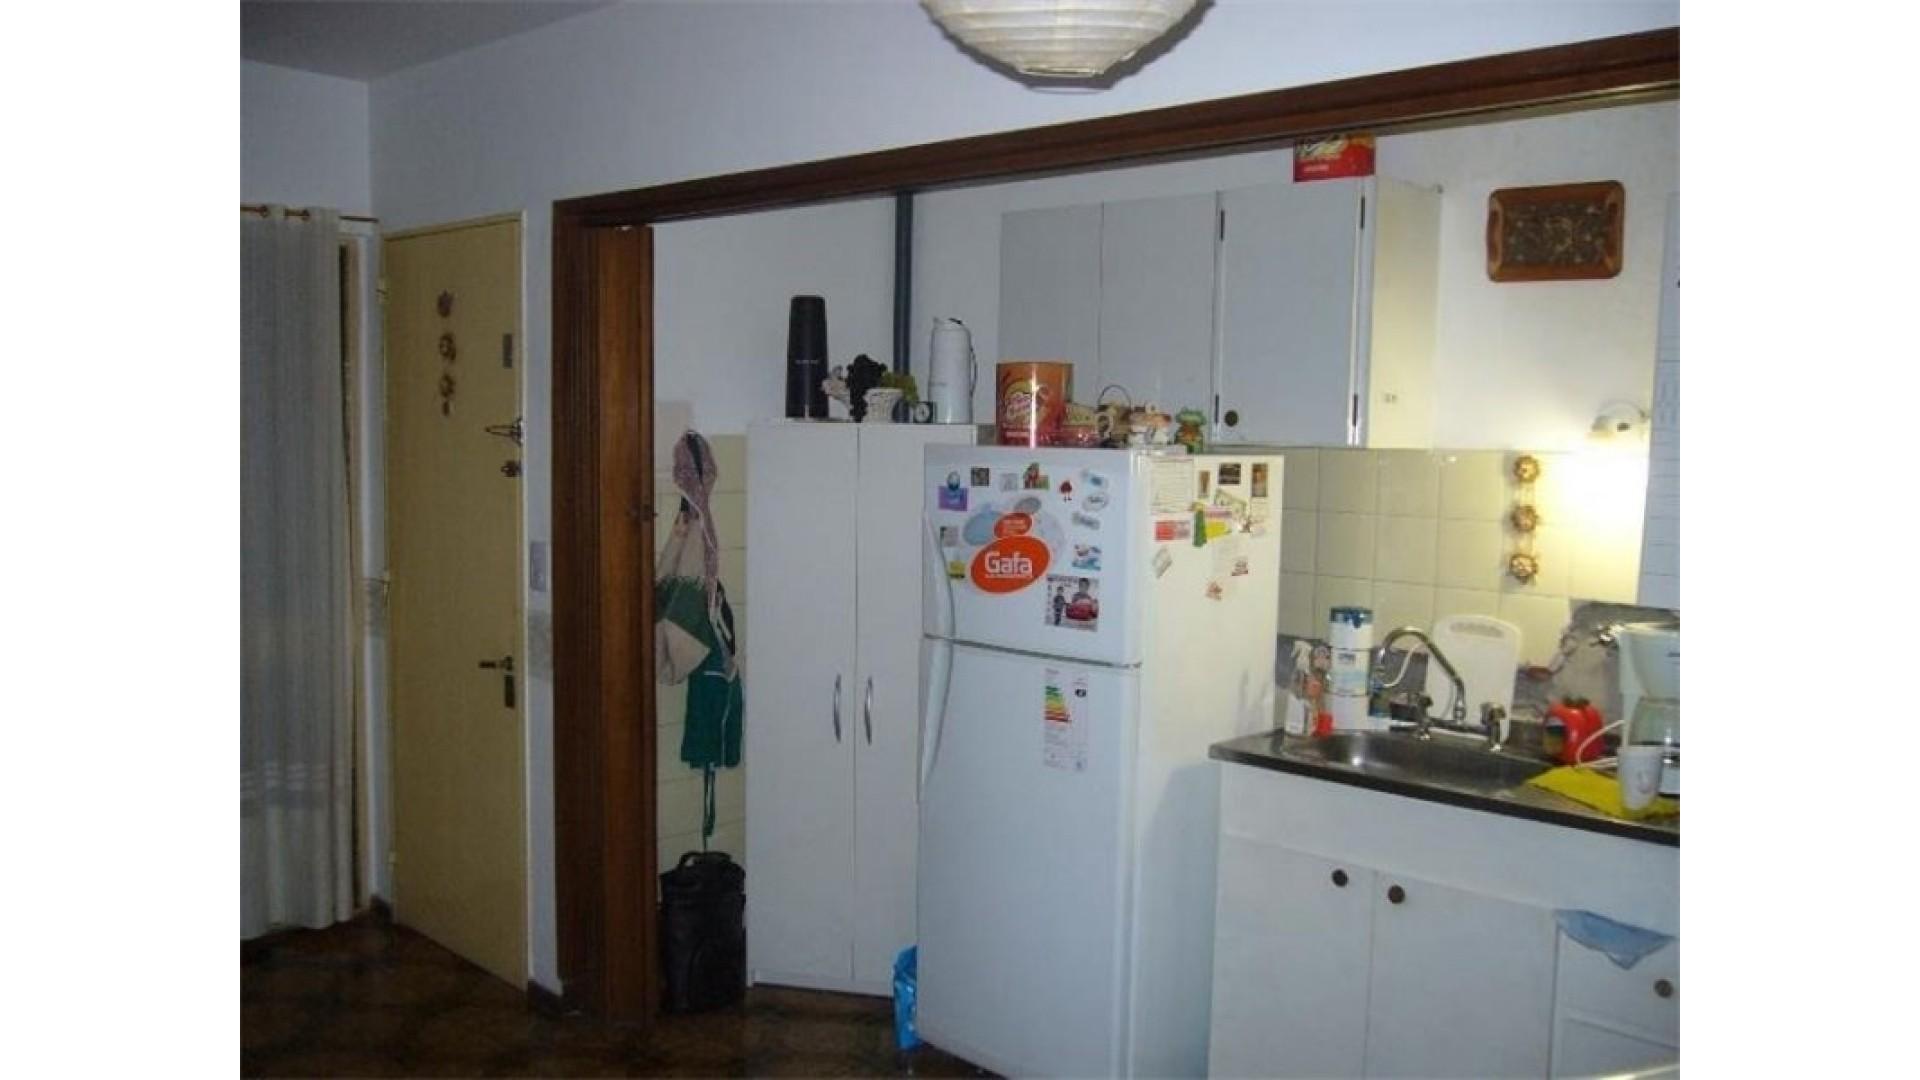 Departamento  de un dormitorio Ovidio lagos 1200 , cercanías